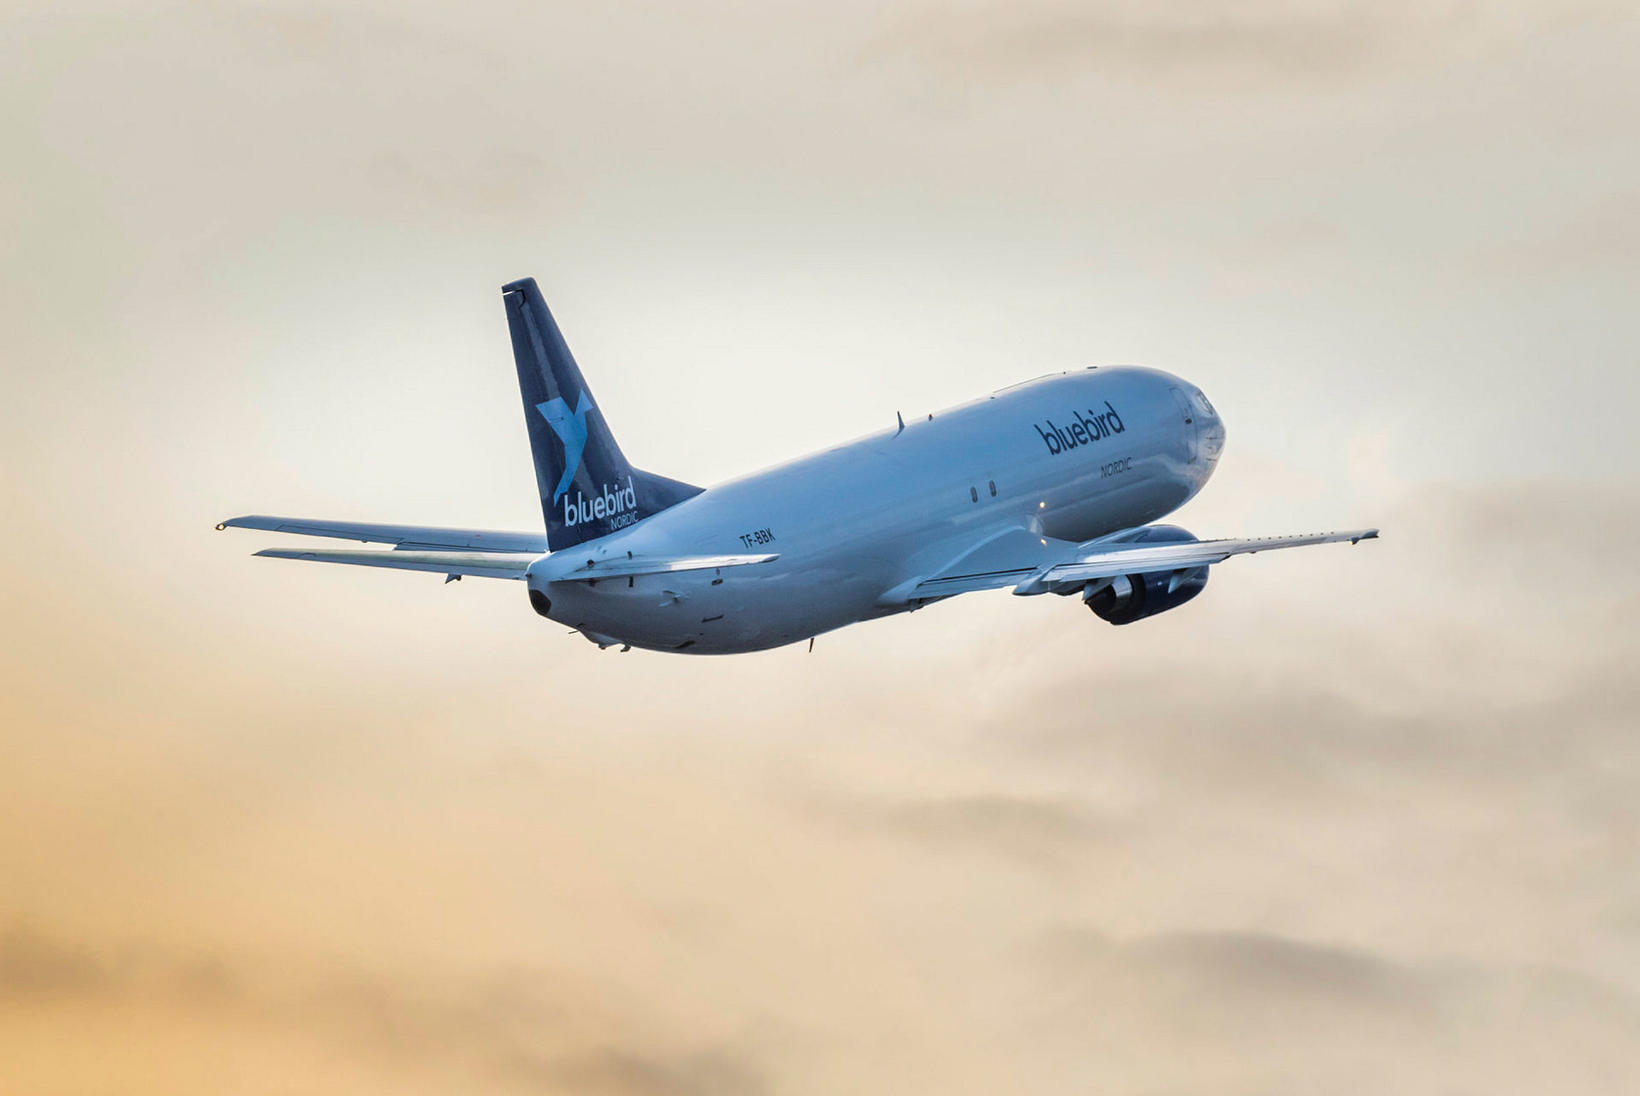 Bluebird Nordic er með Boeing 737 þotur í þjónustu sinni.